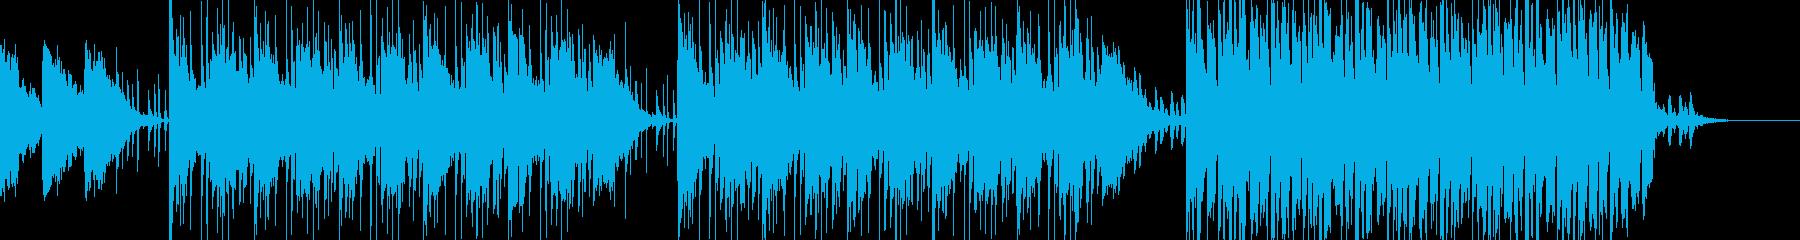 シンセと笛スタイリッシュなトリップホップの再生済みの波形